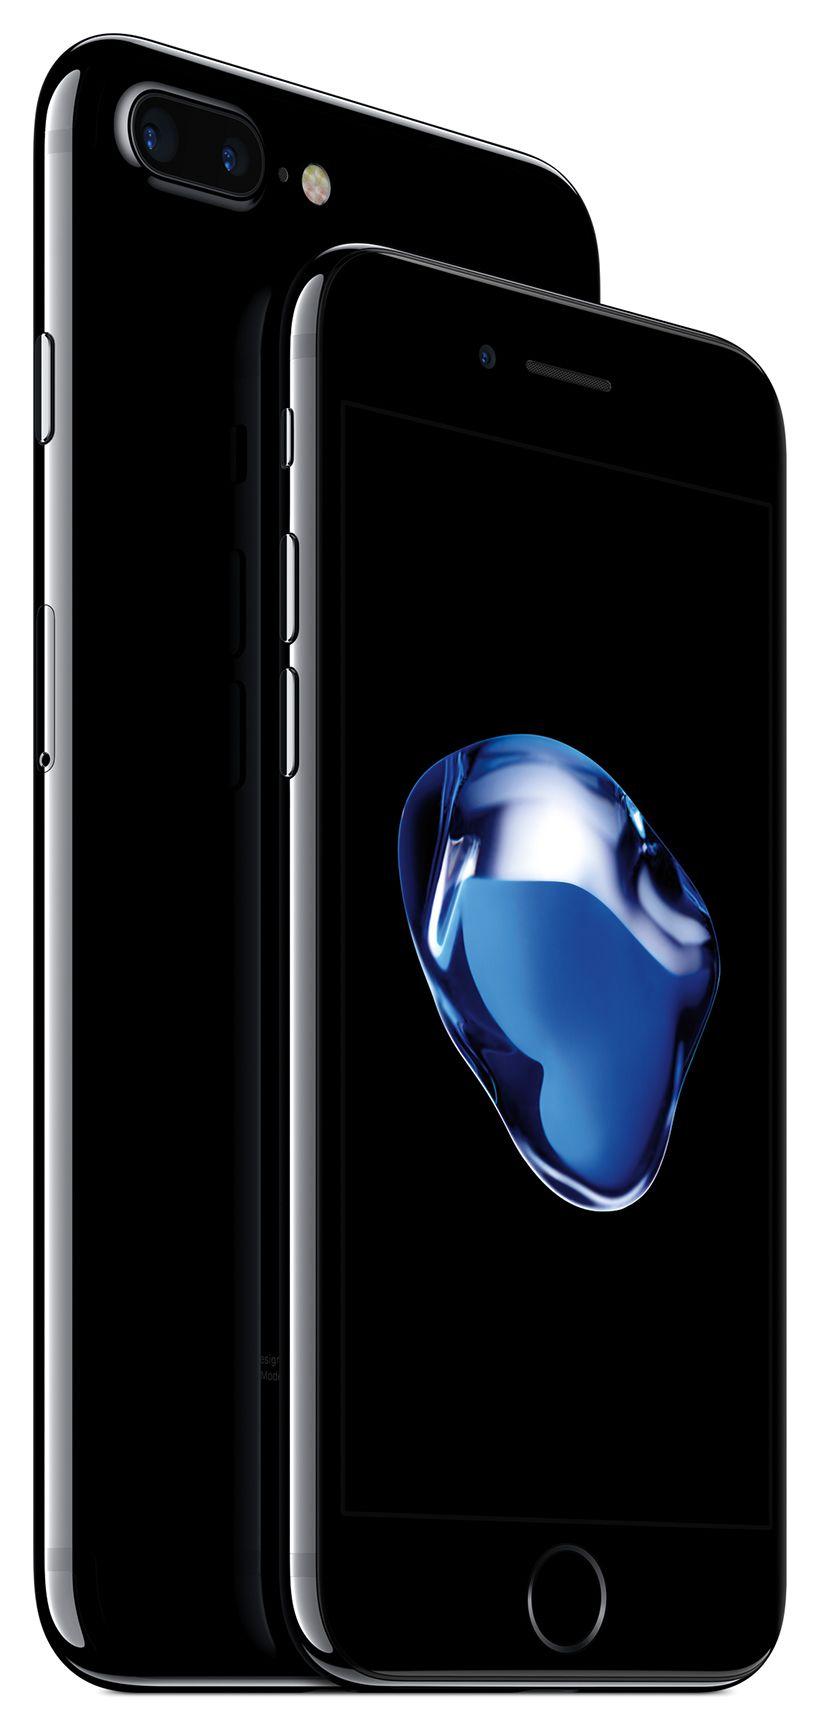 iphone 7 hardware software specs. Black Bedroom Furniture Sets. Home Design Ideas